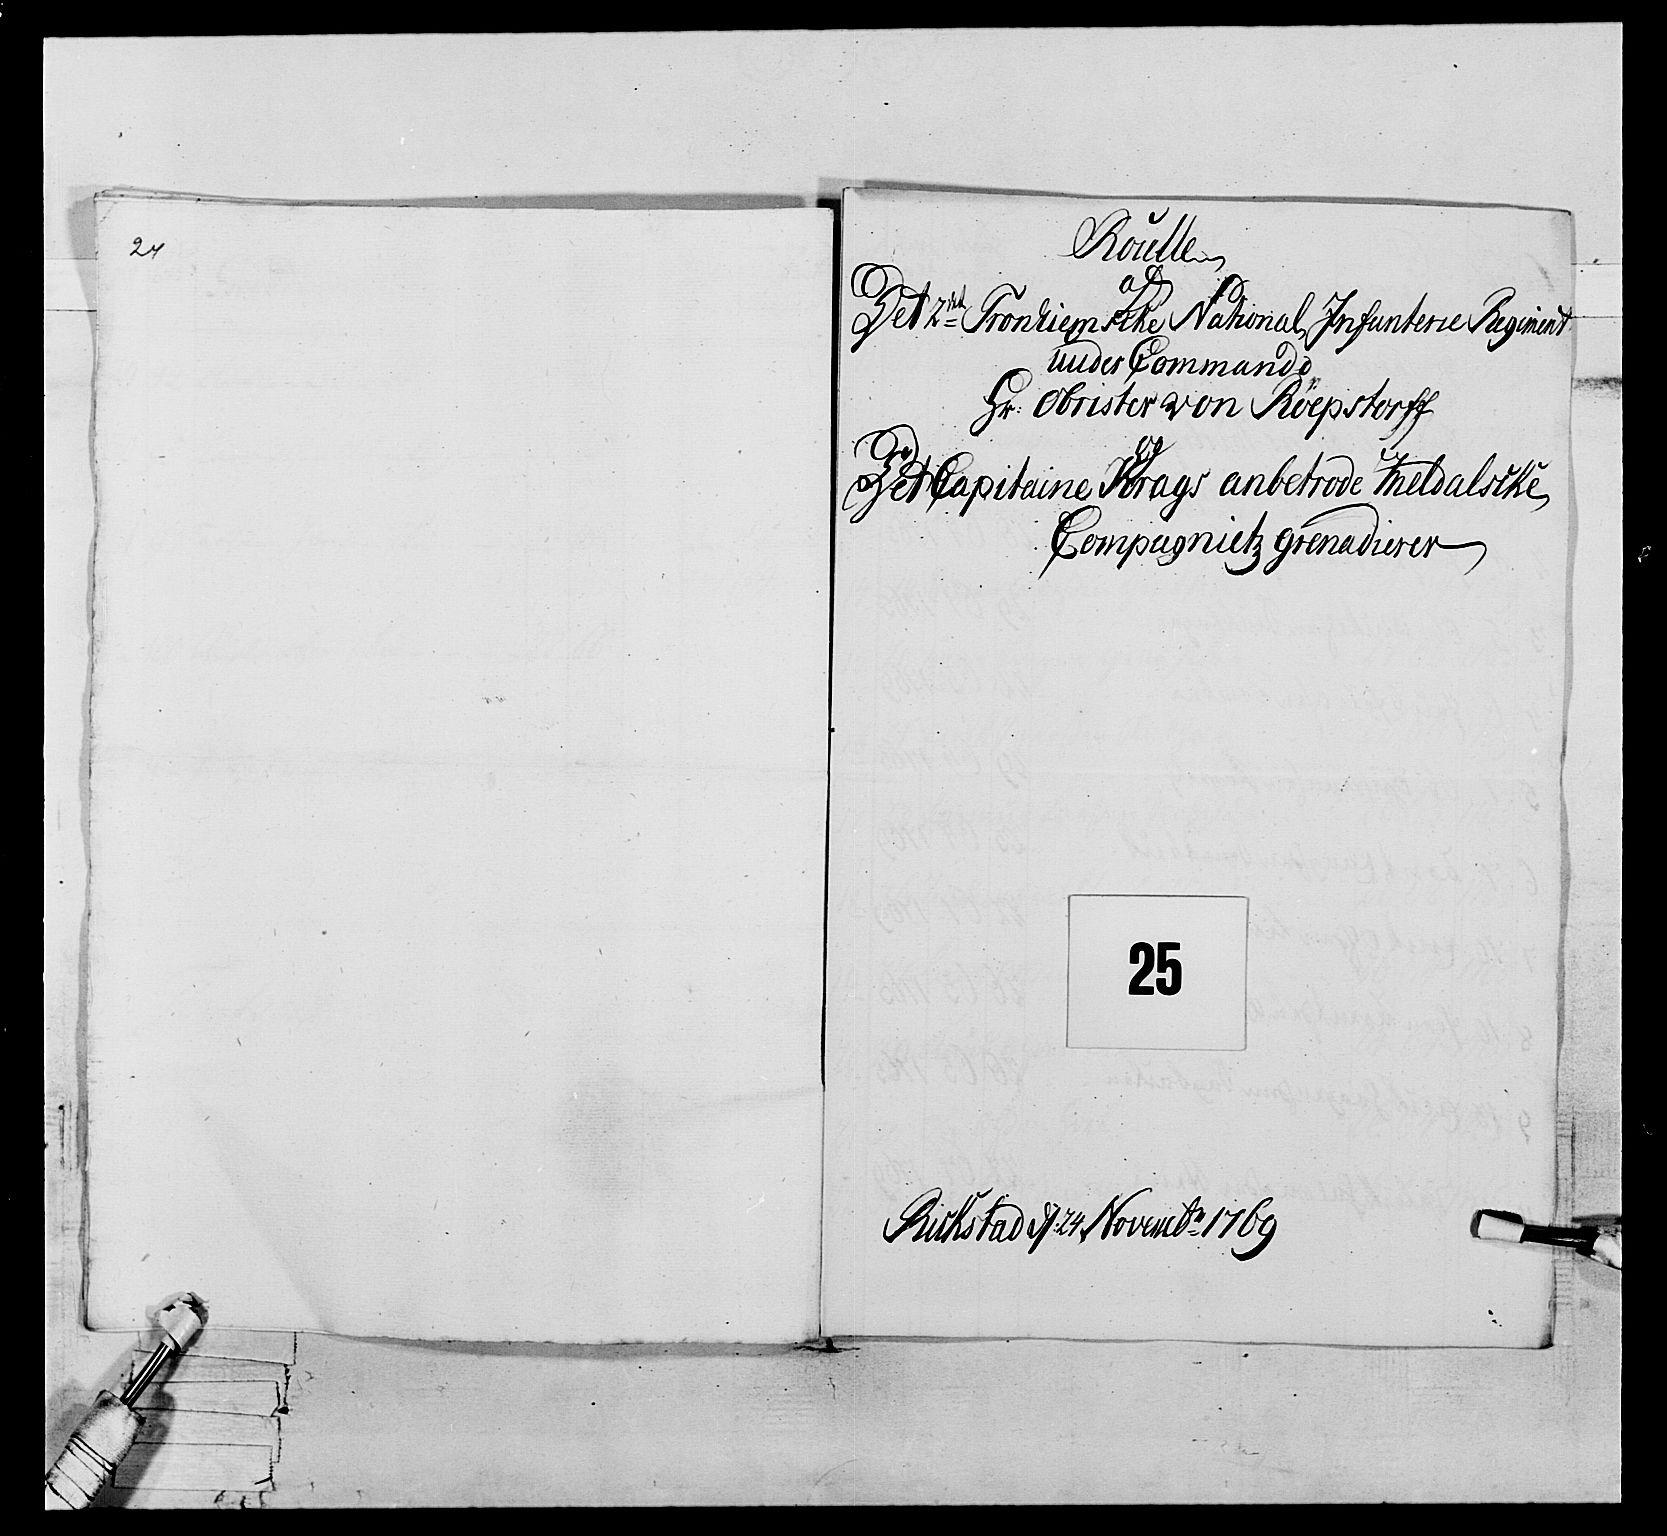 RA, Generalitets- og kommissariatskollegiet, Det kongelige norske kommissariatskollegium, E/Eh/L0076: 2. Trondheimske nasjonale infanteriregiment, 1766-1773, s. 63